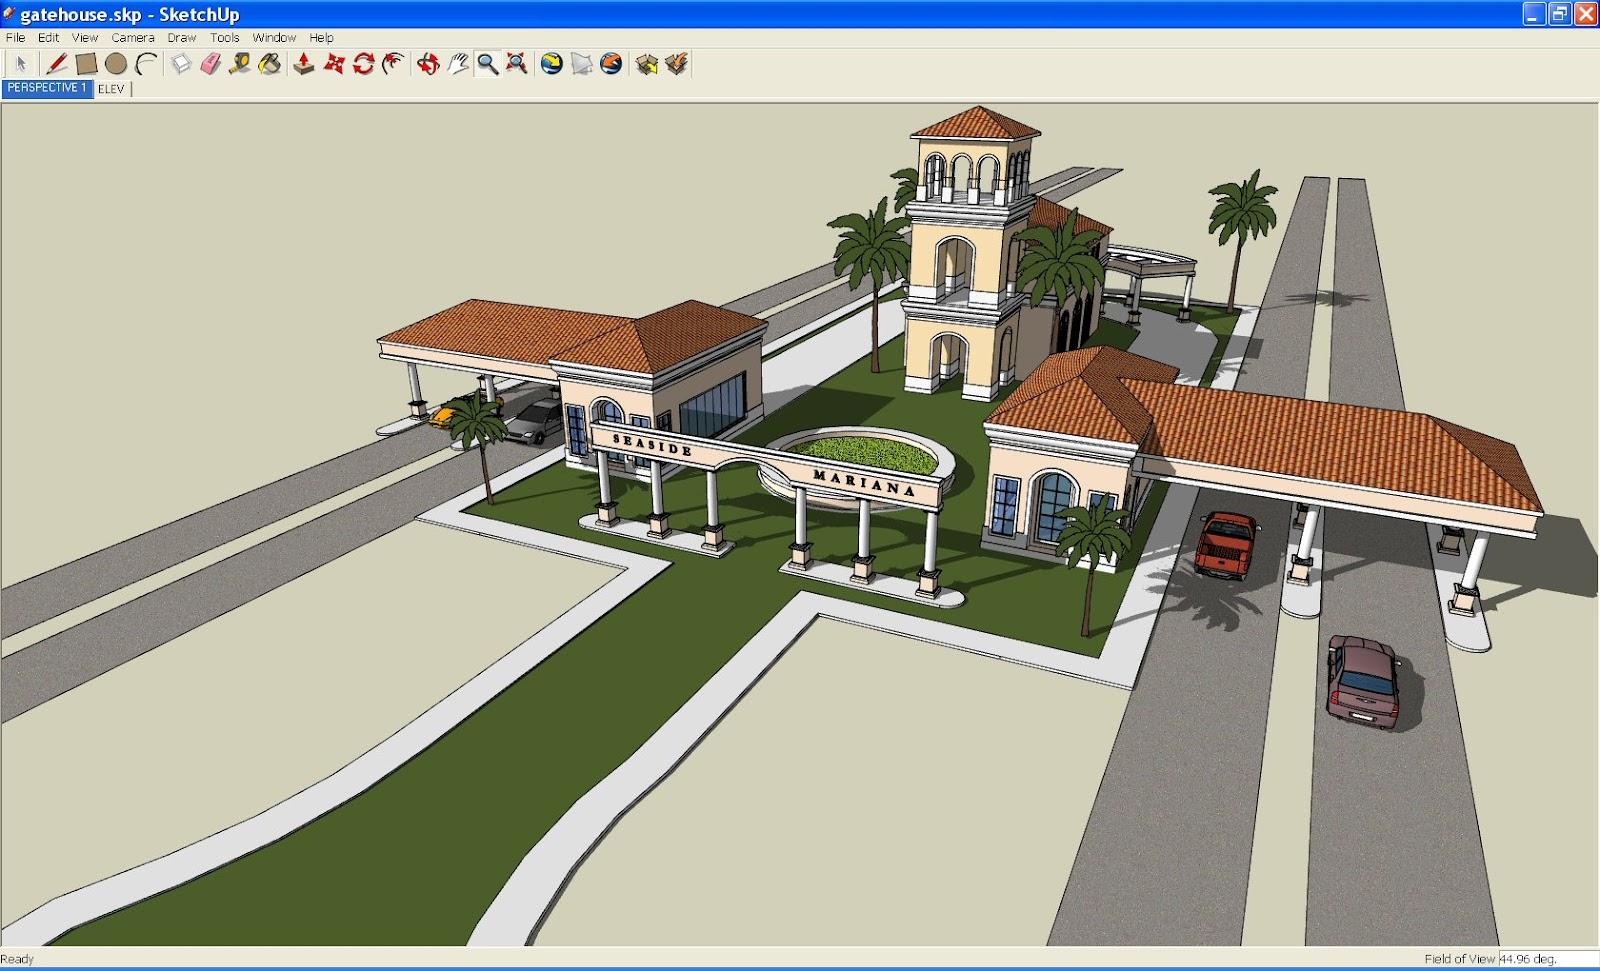 Google sketchup pro 8 crack nyemeh kumpul for Mobilia sketchup 8